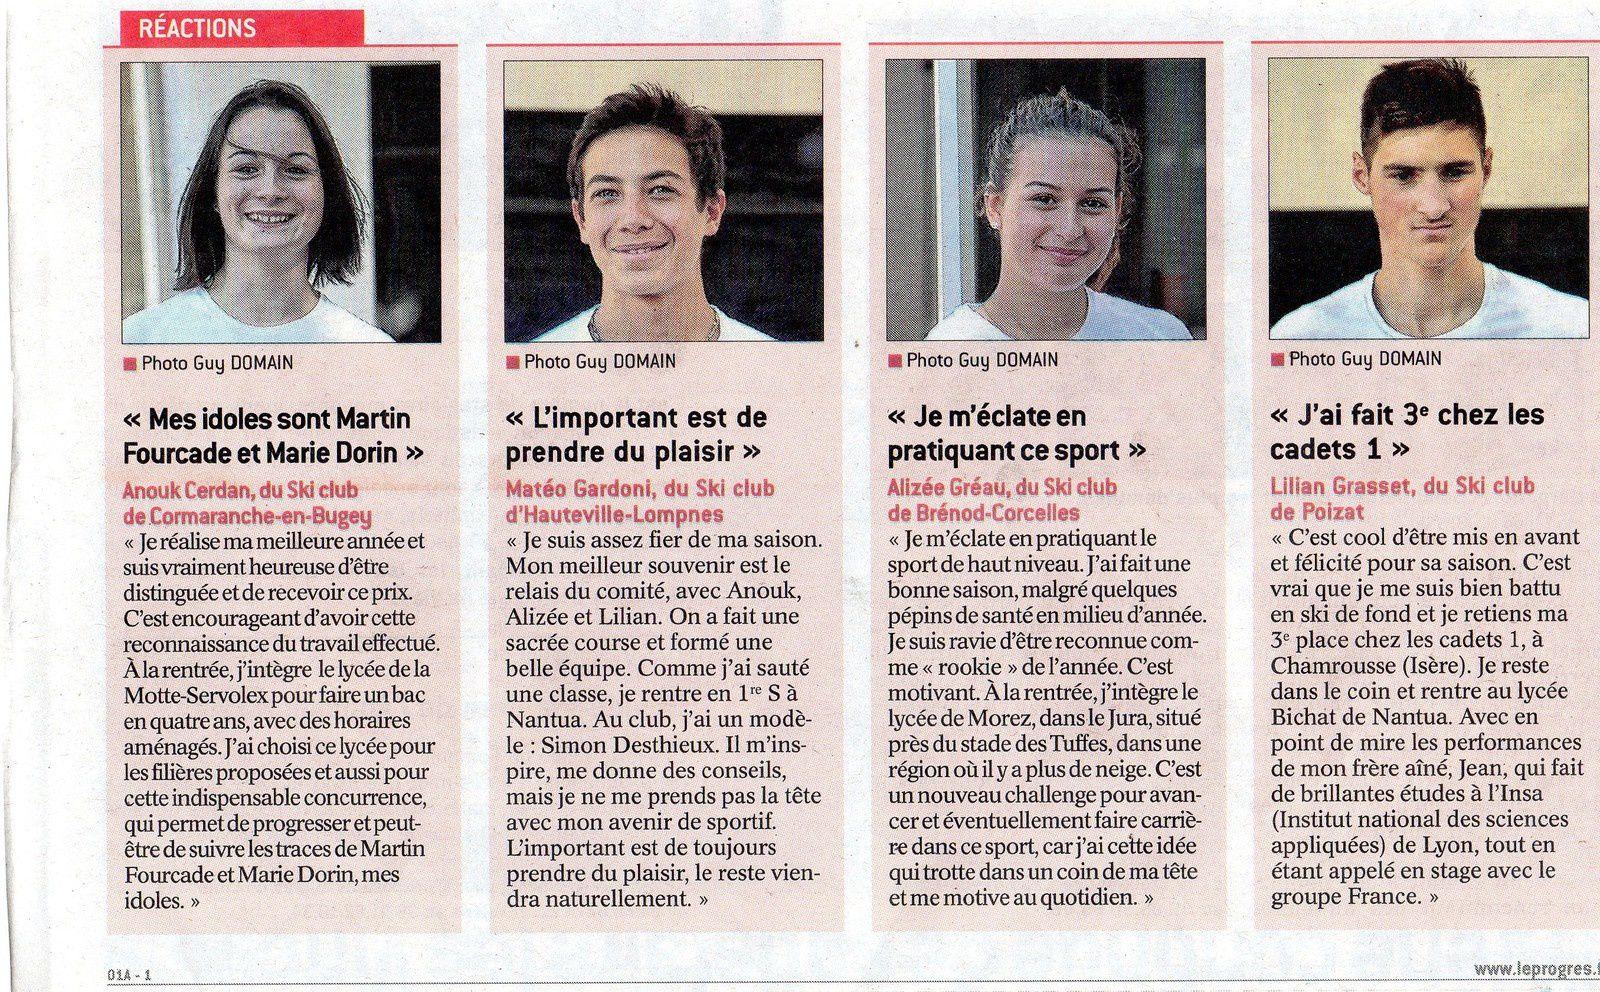 Article du jeudi 03/08/2017... Le Progrès.